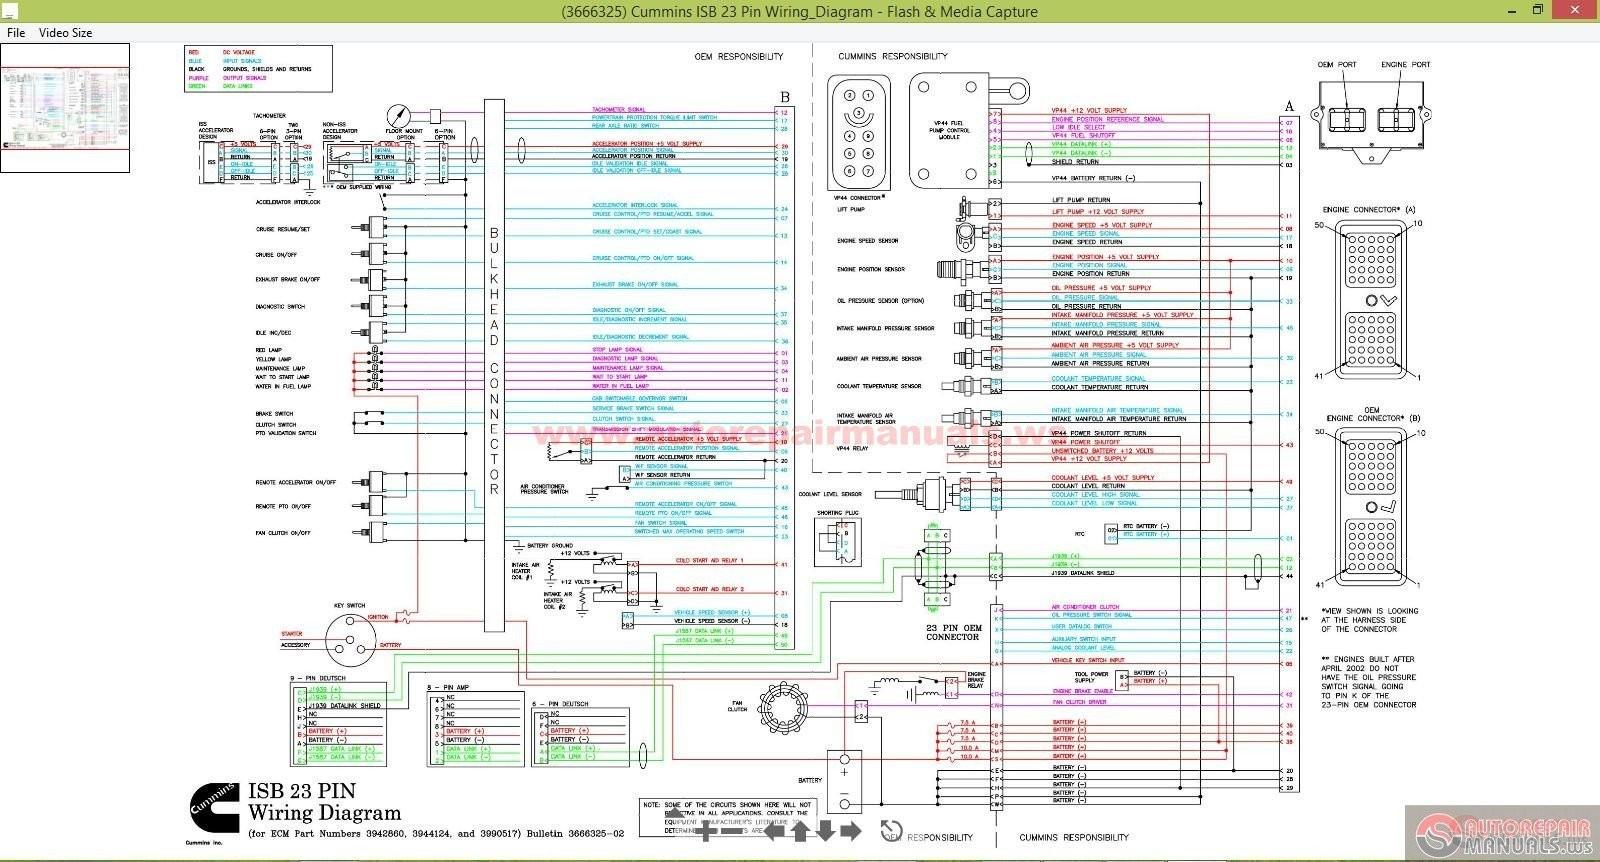 Series 60 Wiring Diagram Likewise Mercedes Mbe 4000 Ecm Wiring Diagram